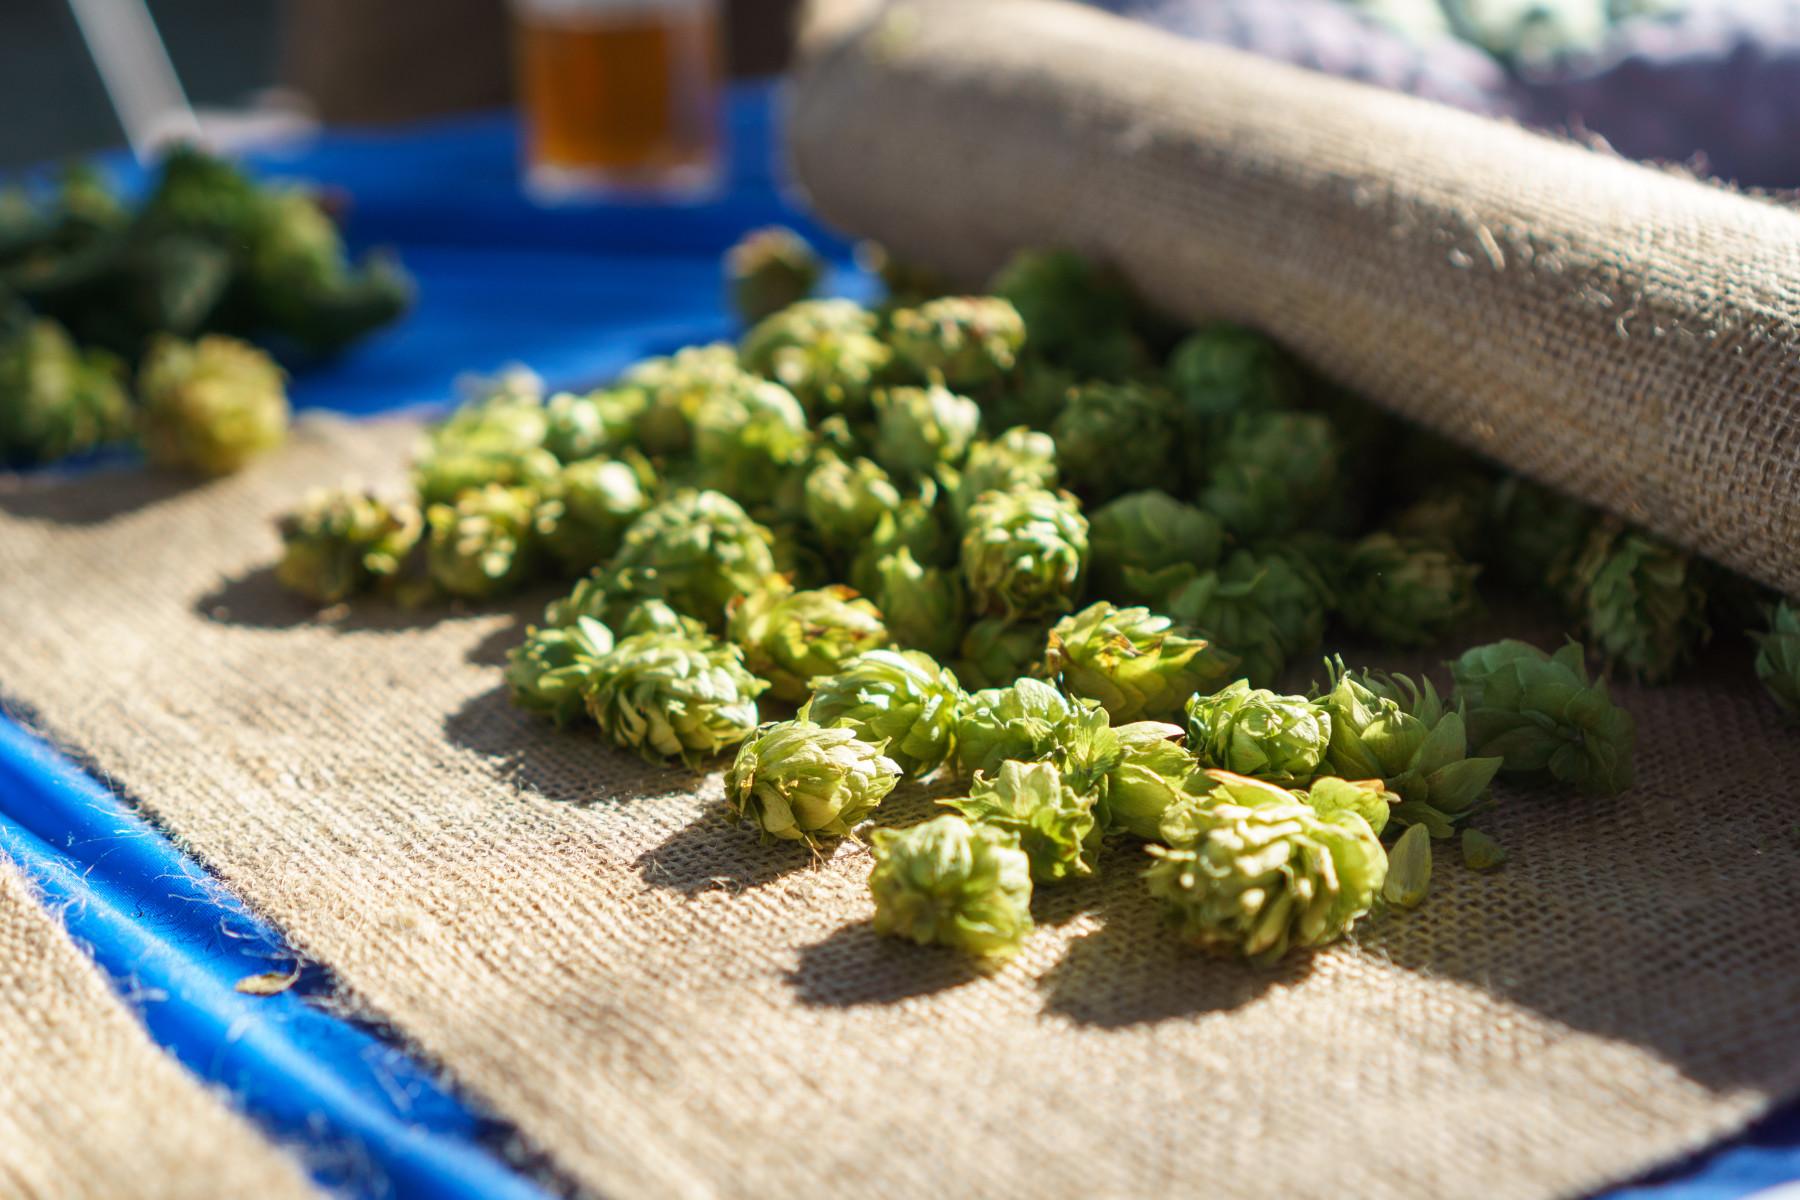 festival-beer-hops